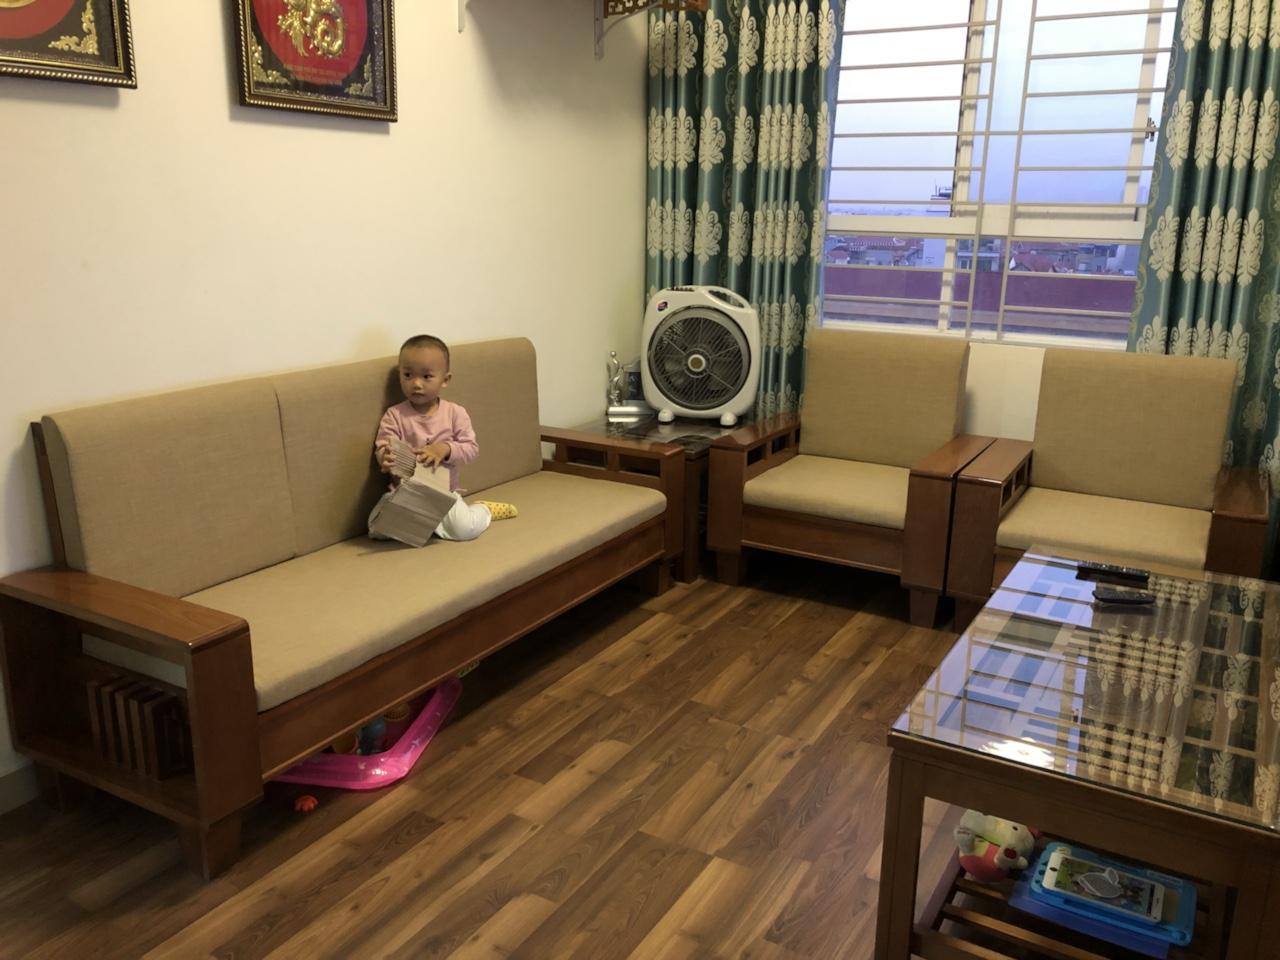 Bọc ghế sofa đẹp, chất lượng tại nhà anh Ngọc Tiến – quận Cầu Giấy